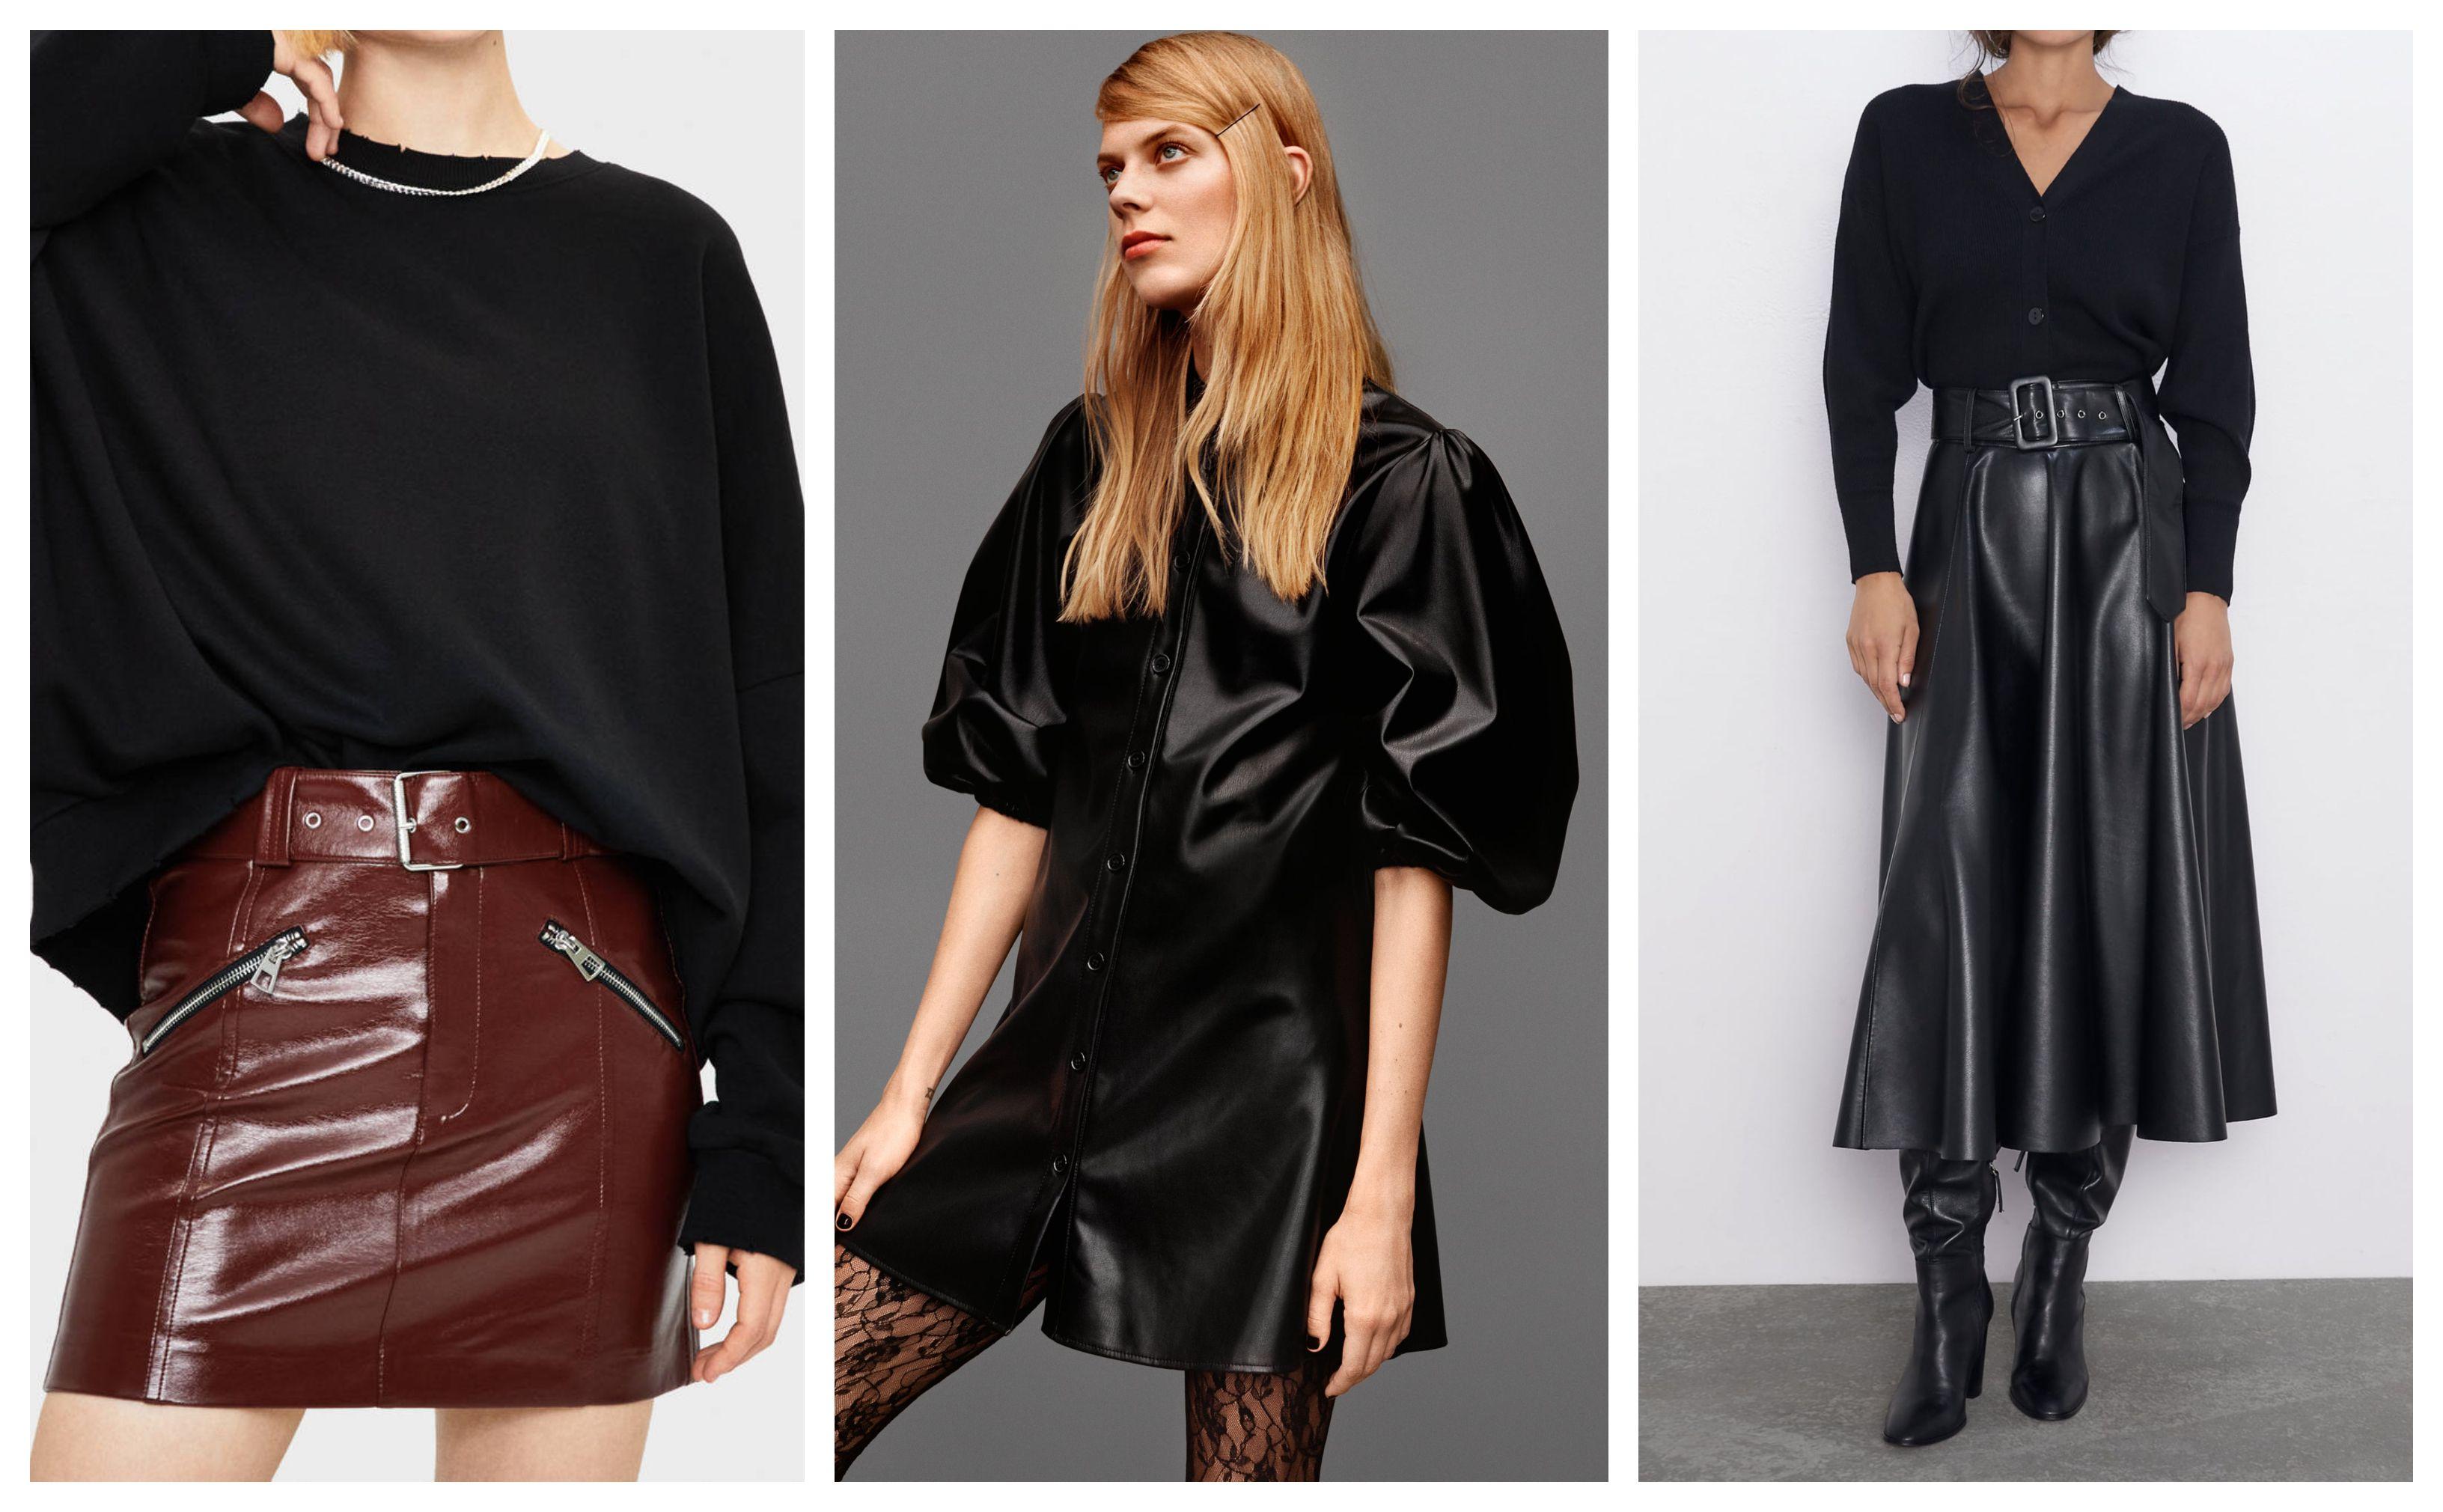 Kožnate suknje i haljine trend su koji ove godine ne možete zaobići: Pogledajte izbor u dućanima